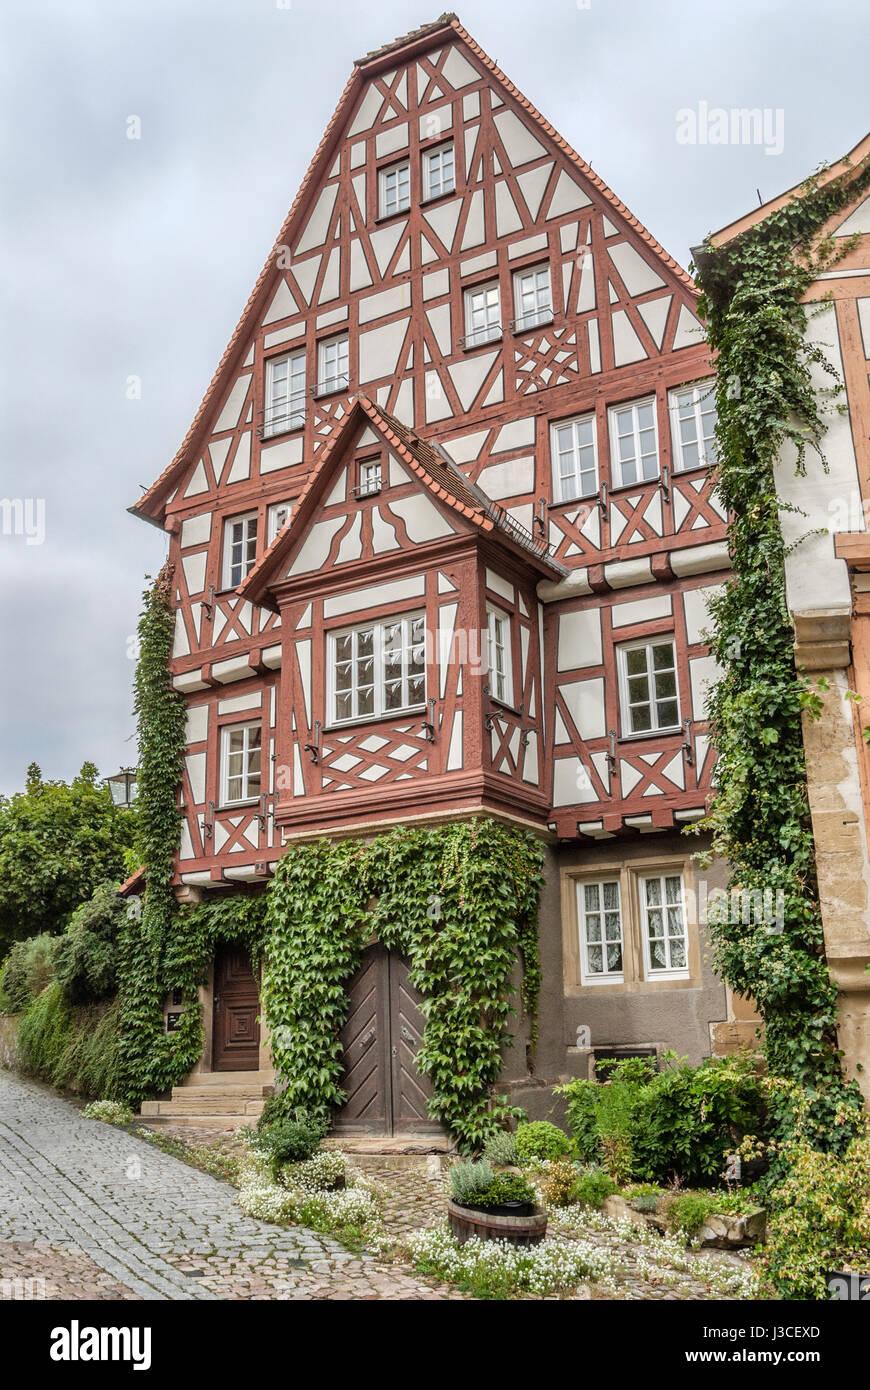 Fachwerkhäuser in der mittelalterlichen Stadt Bad Wimpfen, Baden-Württemberg, Süddeutschland | Fachwerkhaueser Stockbild